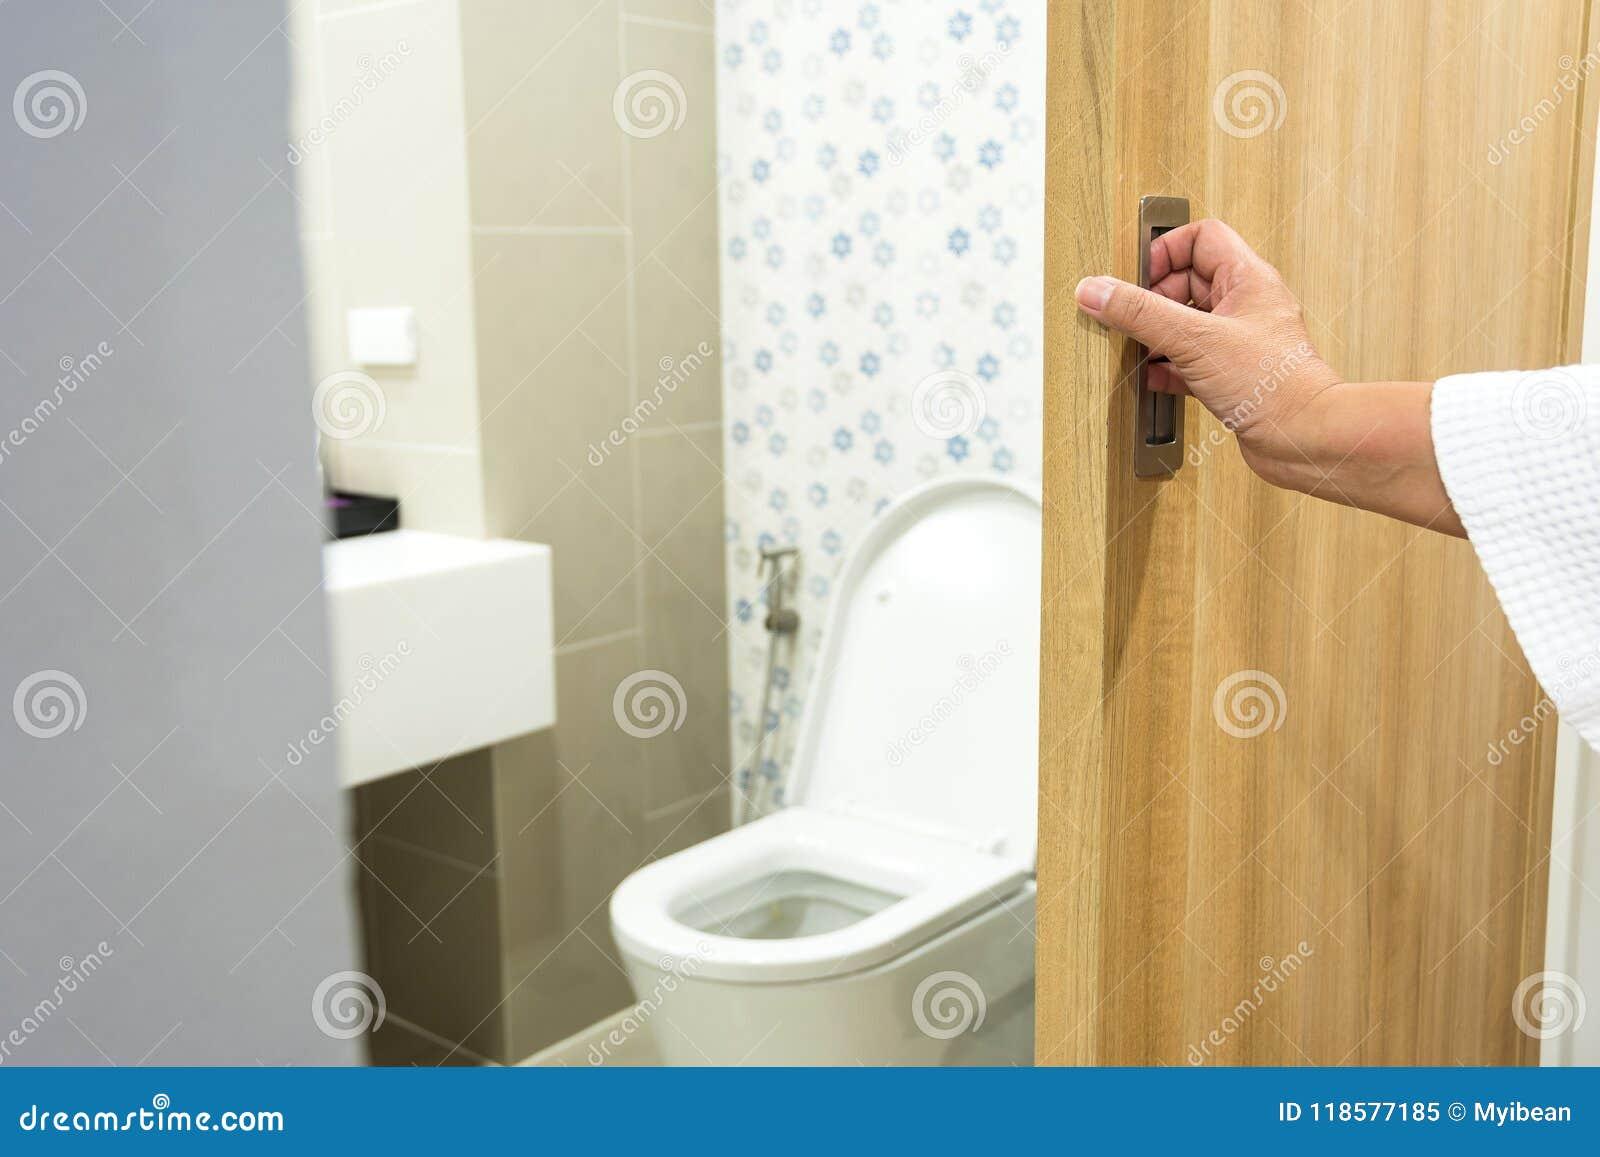 Cuarto de baño abierto de la puerta del retrete de la mano